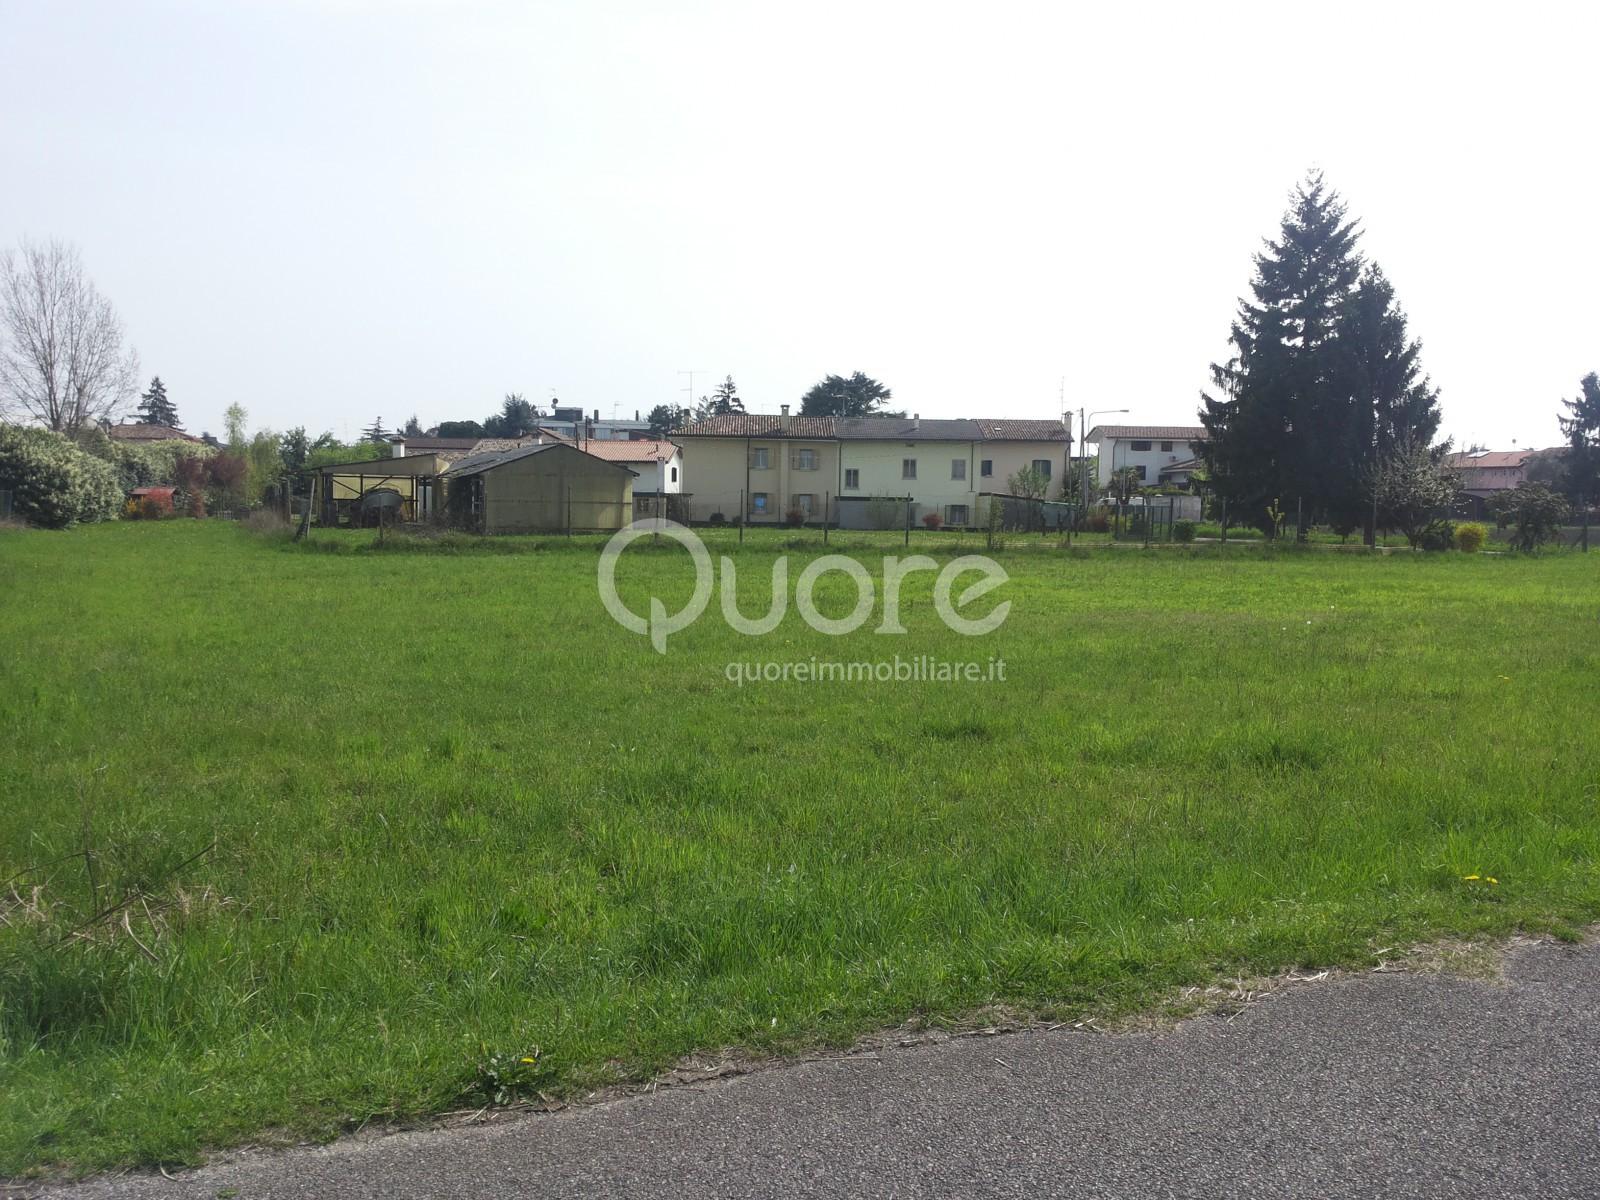 Terreno Edificabile Residenziale in vendita a Udine, 9999 locali, zona Località: CormorAlto, prezzo € 230.000 | Cambio Casa.it